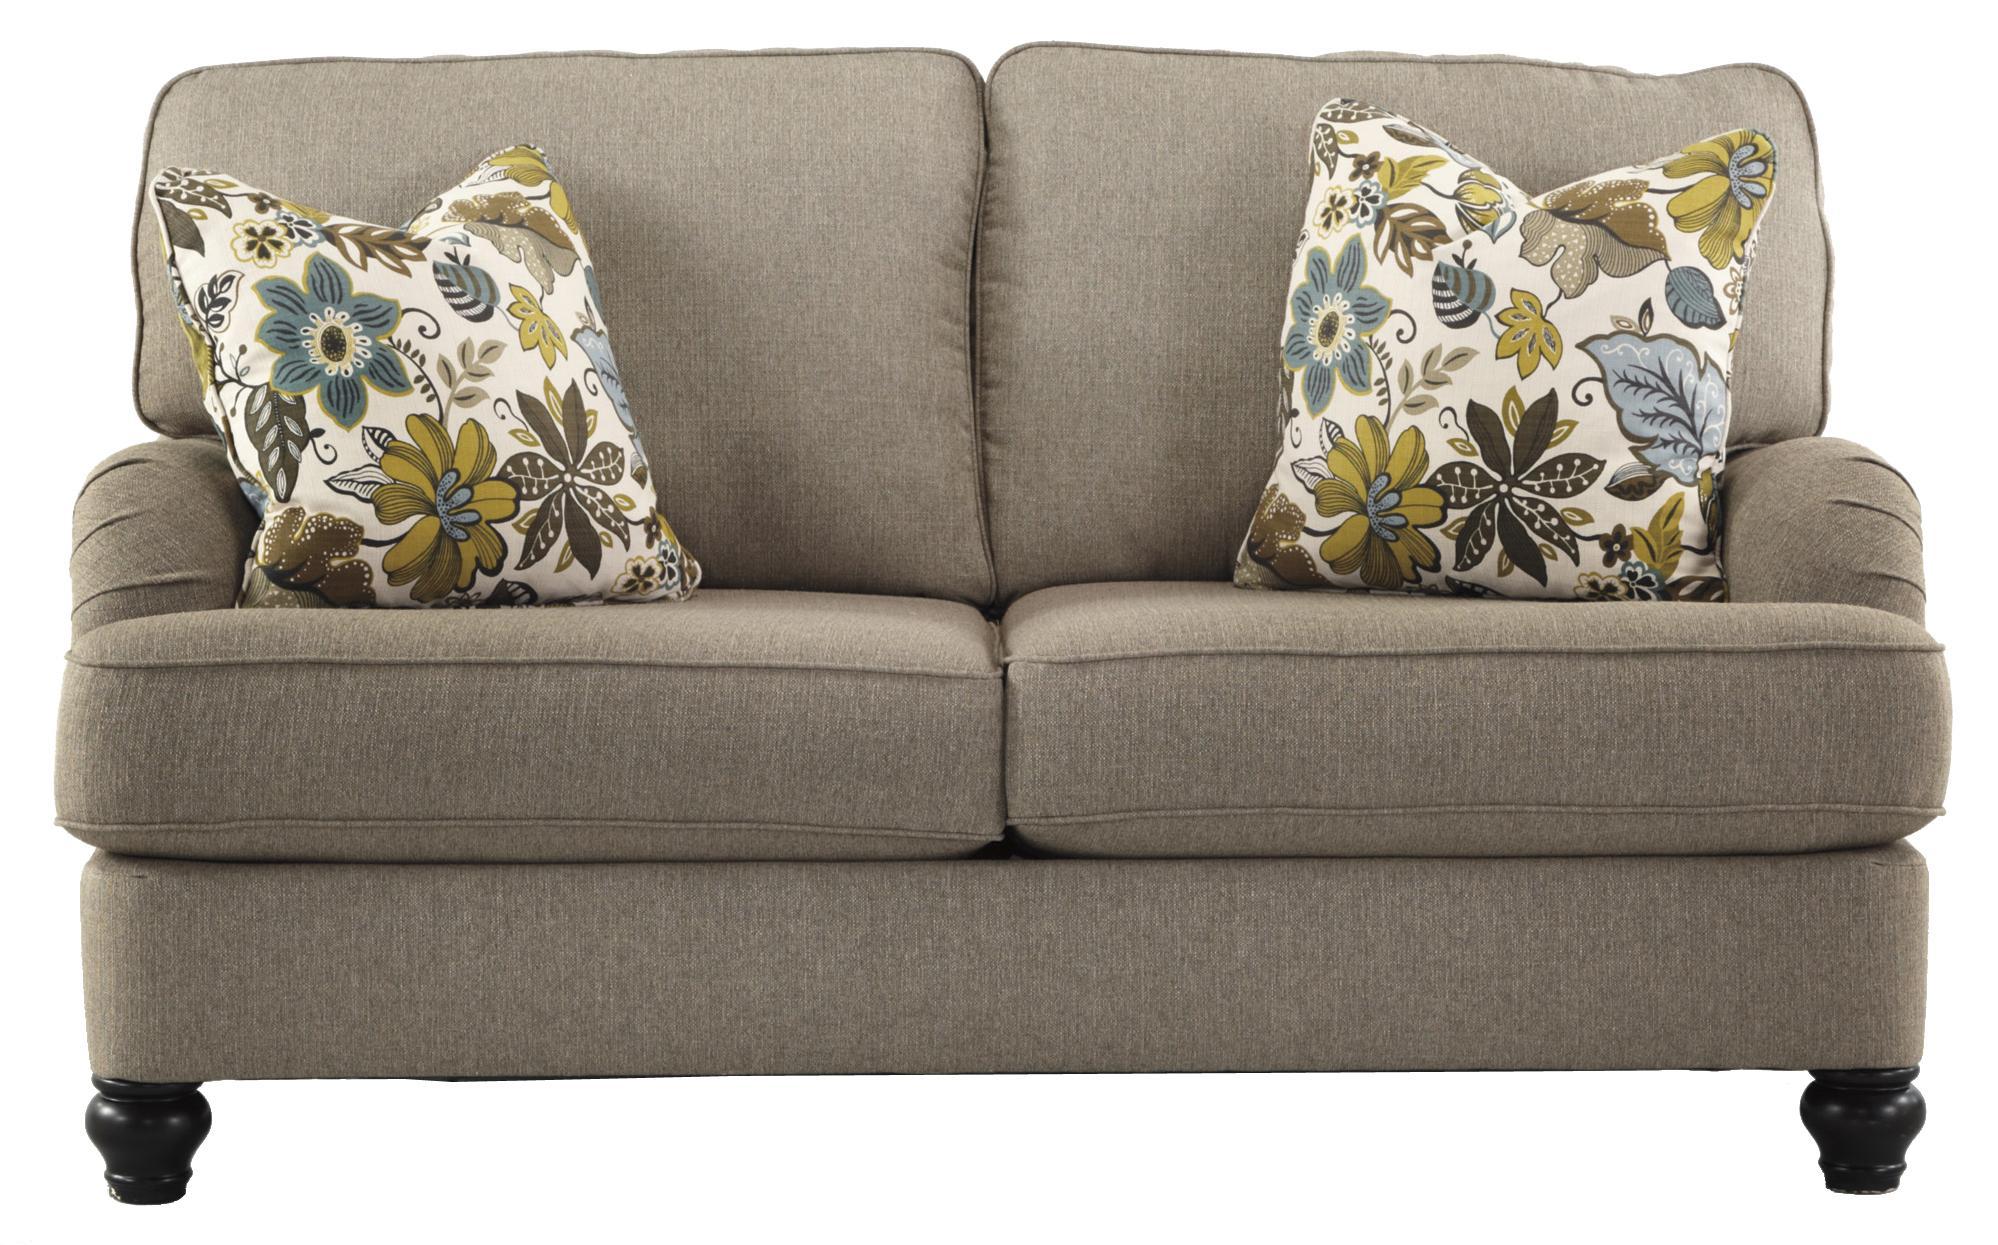 Ashley Furniture Hariston - Shitake Loveseat - Item Number: 2550035